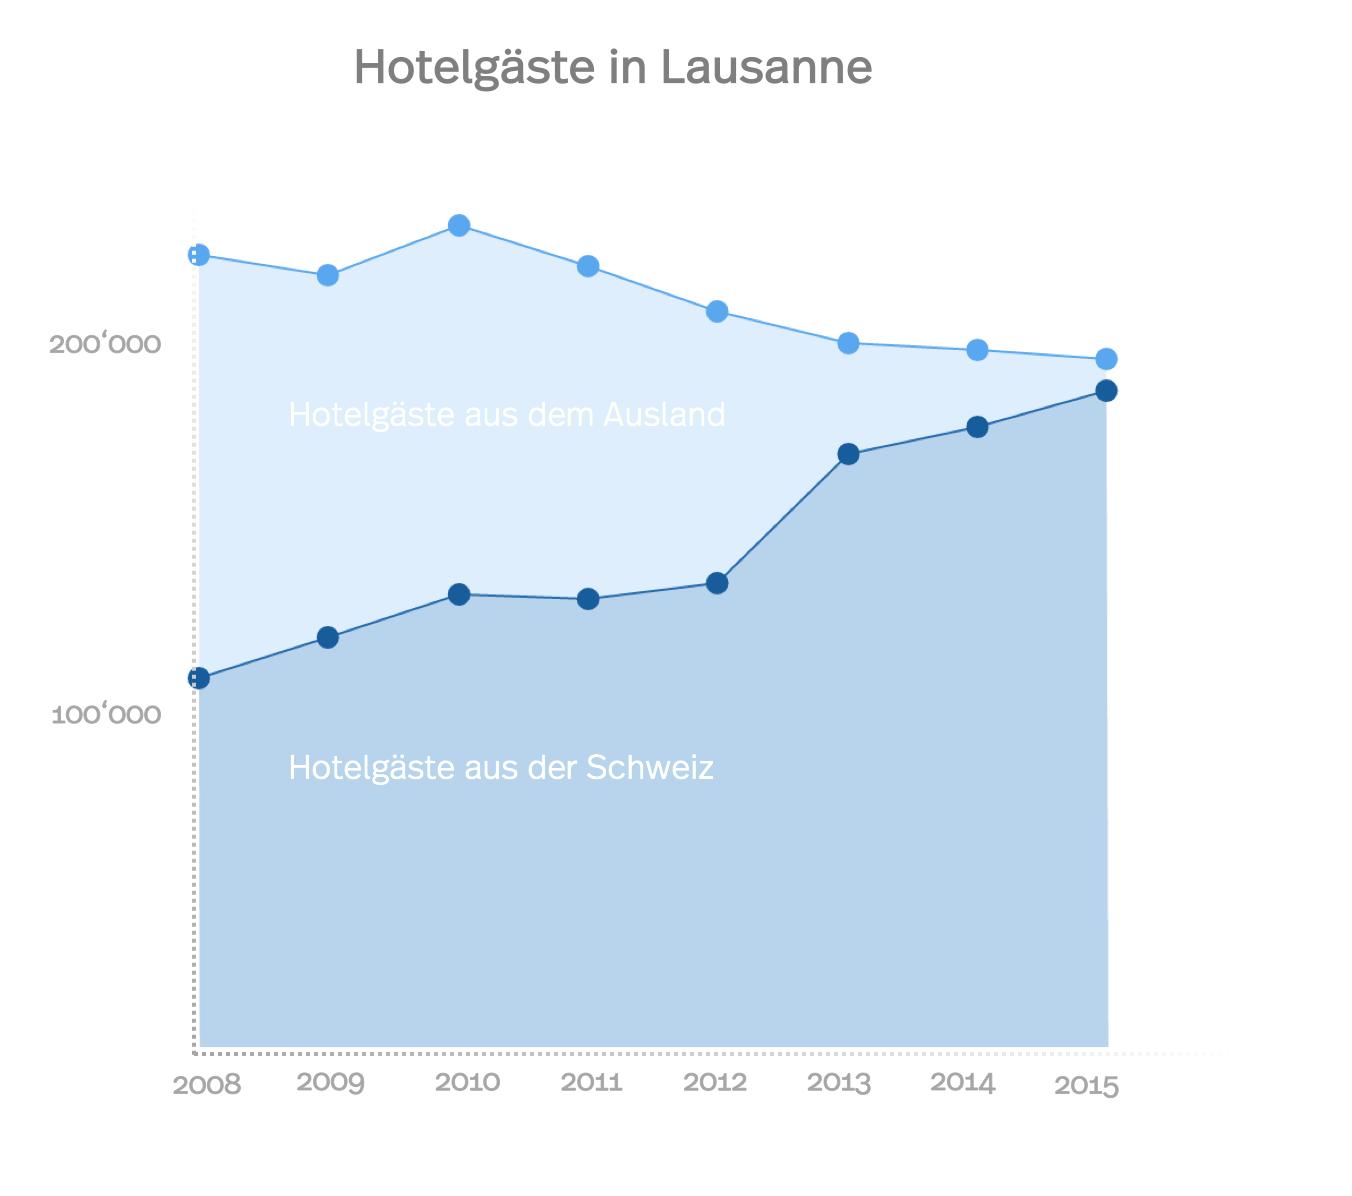 Das Bild zeigt ein Diagramm der Hotelgäste in Lausanne, einerseits die Gäste aus der Schweiz, andererseits die Gäste aus dem Ausland